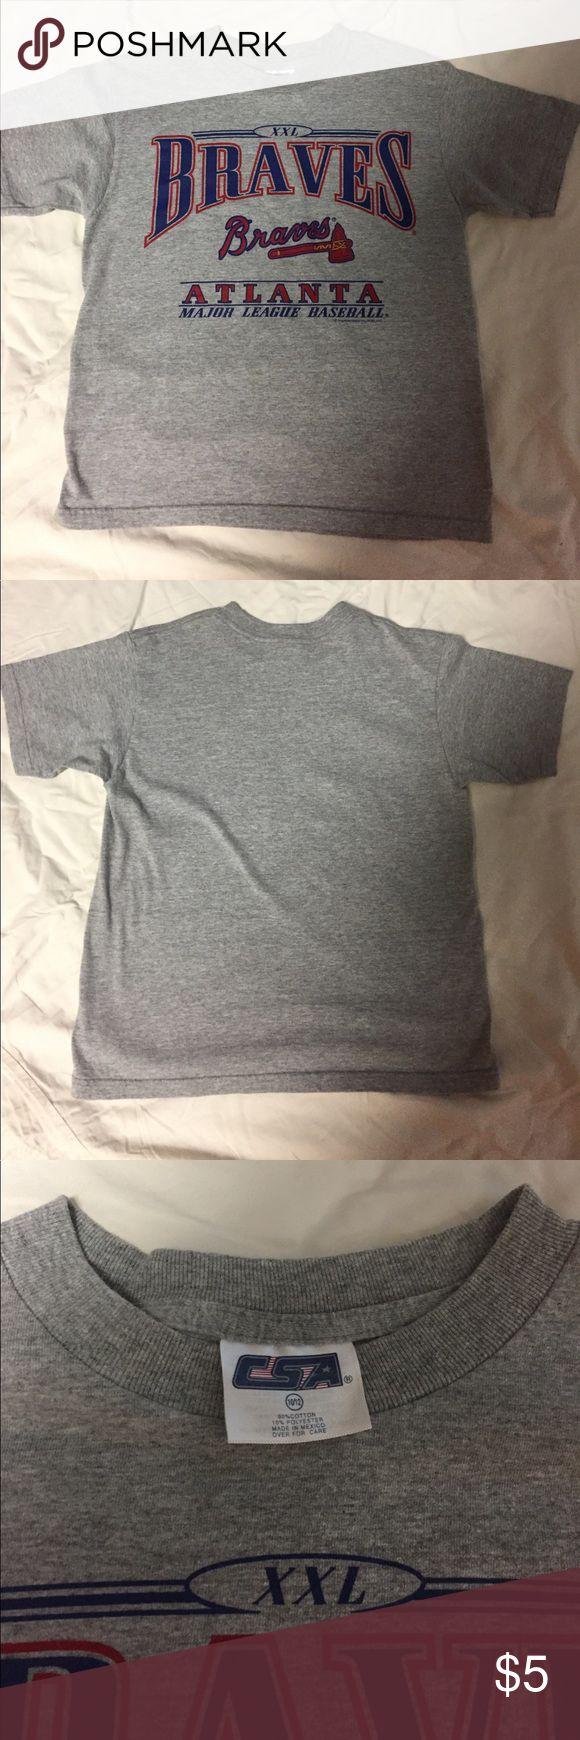 Boys or Girl Atlanta Braves Tshirt Grey Kids size 10-12 CSA Shirts & Tops Tees - Short Sleeve